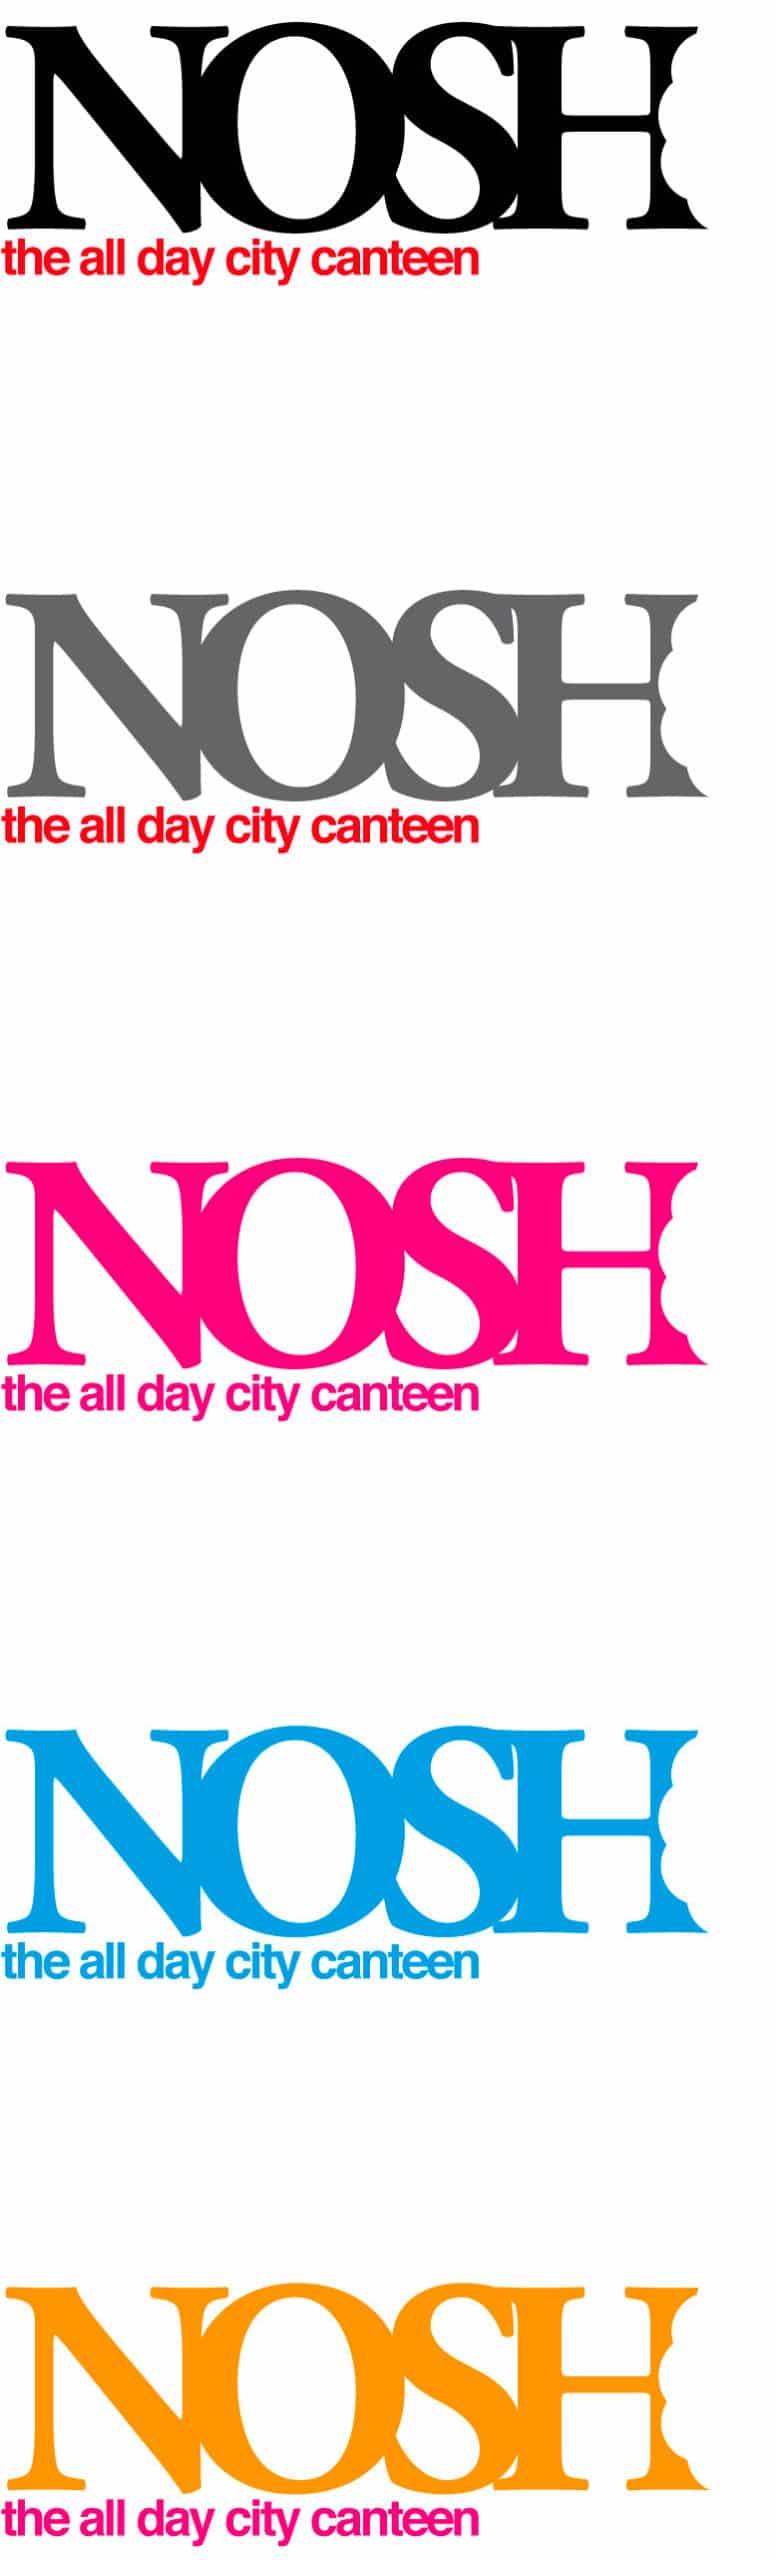 080118_nosh_abgebissen